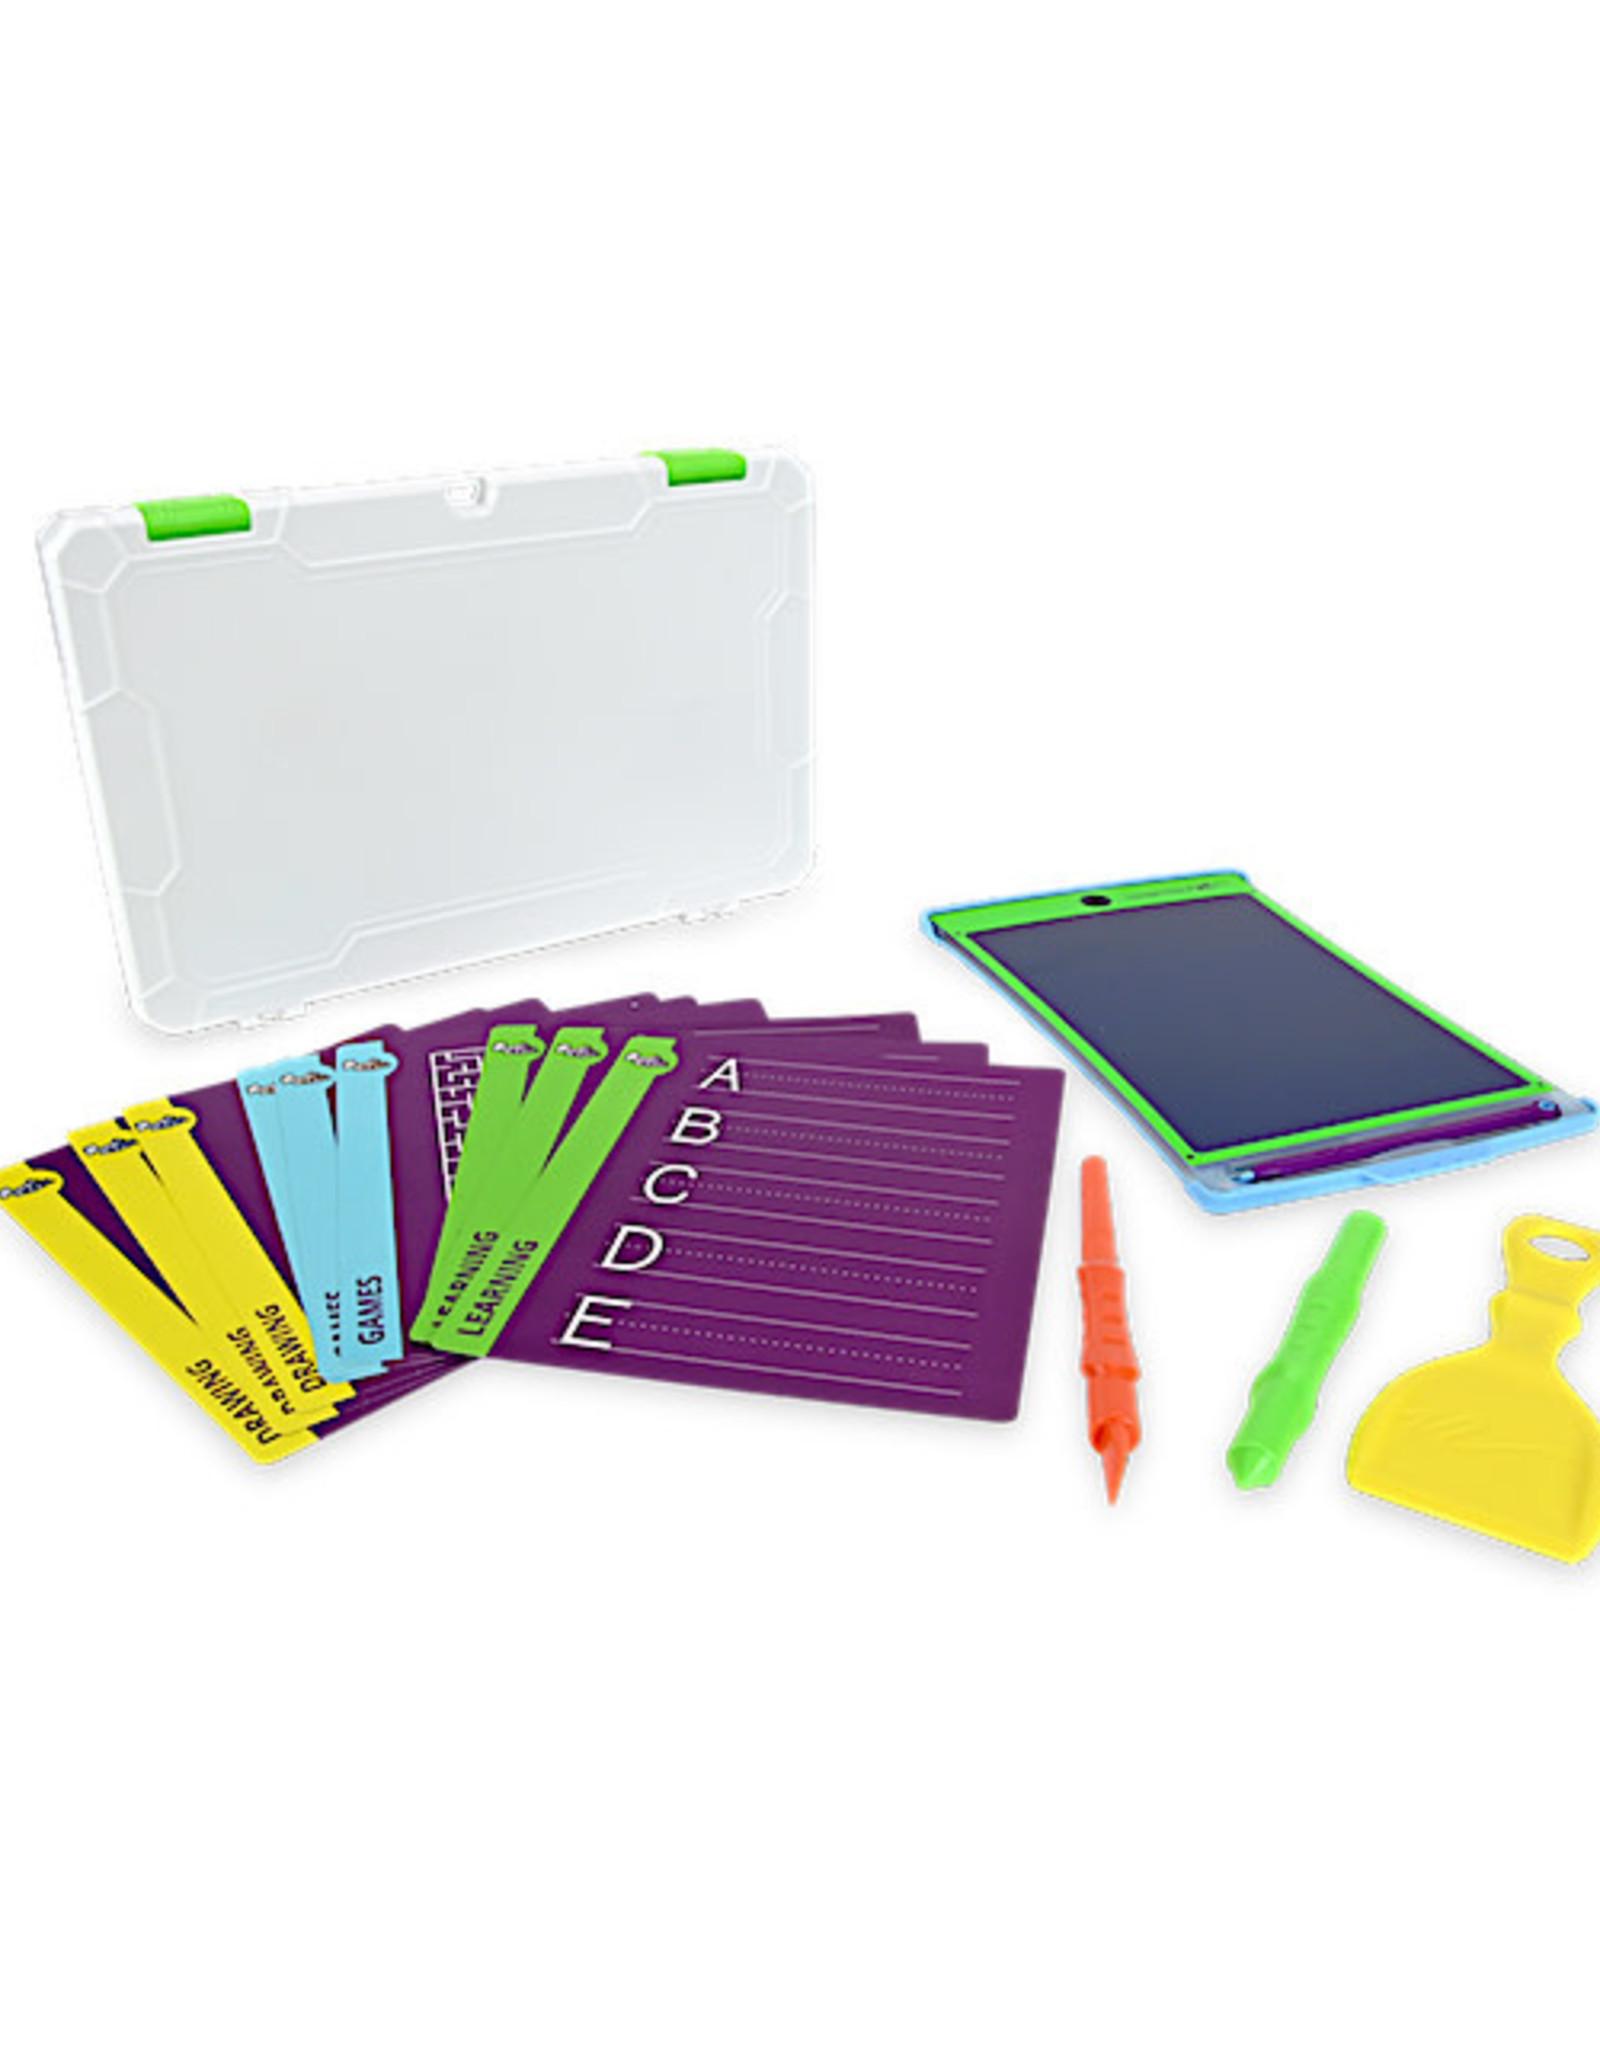 Boogie Board Magic Sketch  w/Carry Case